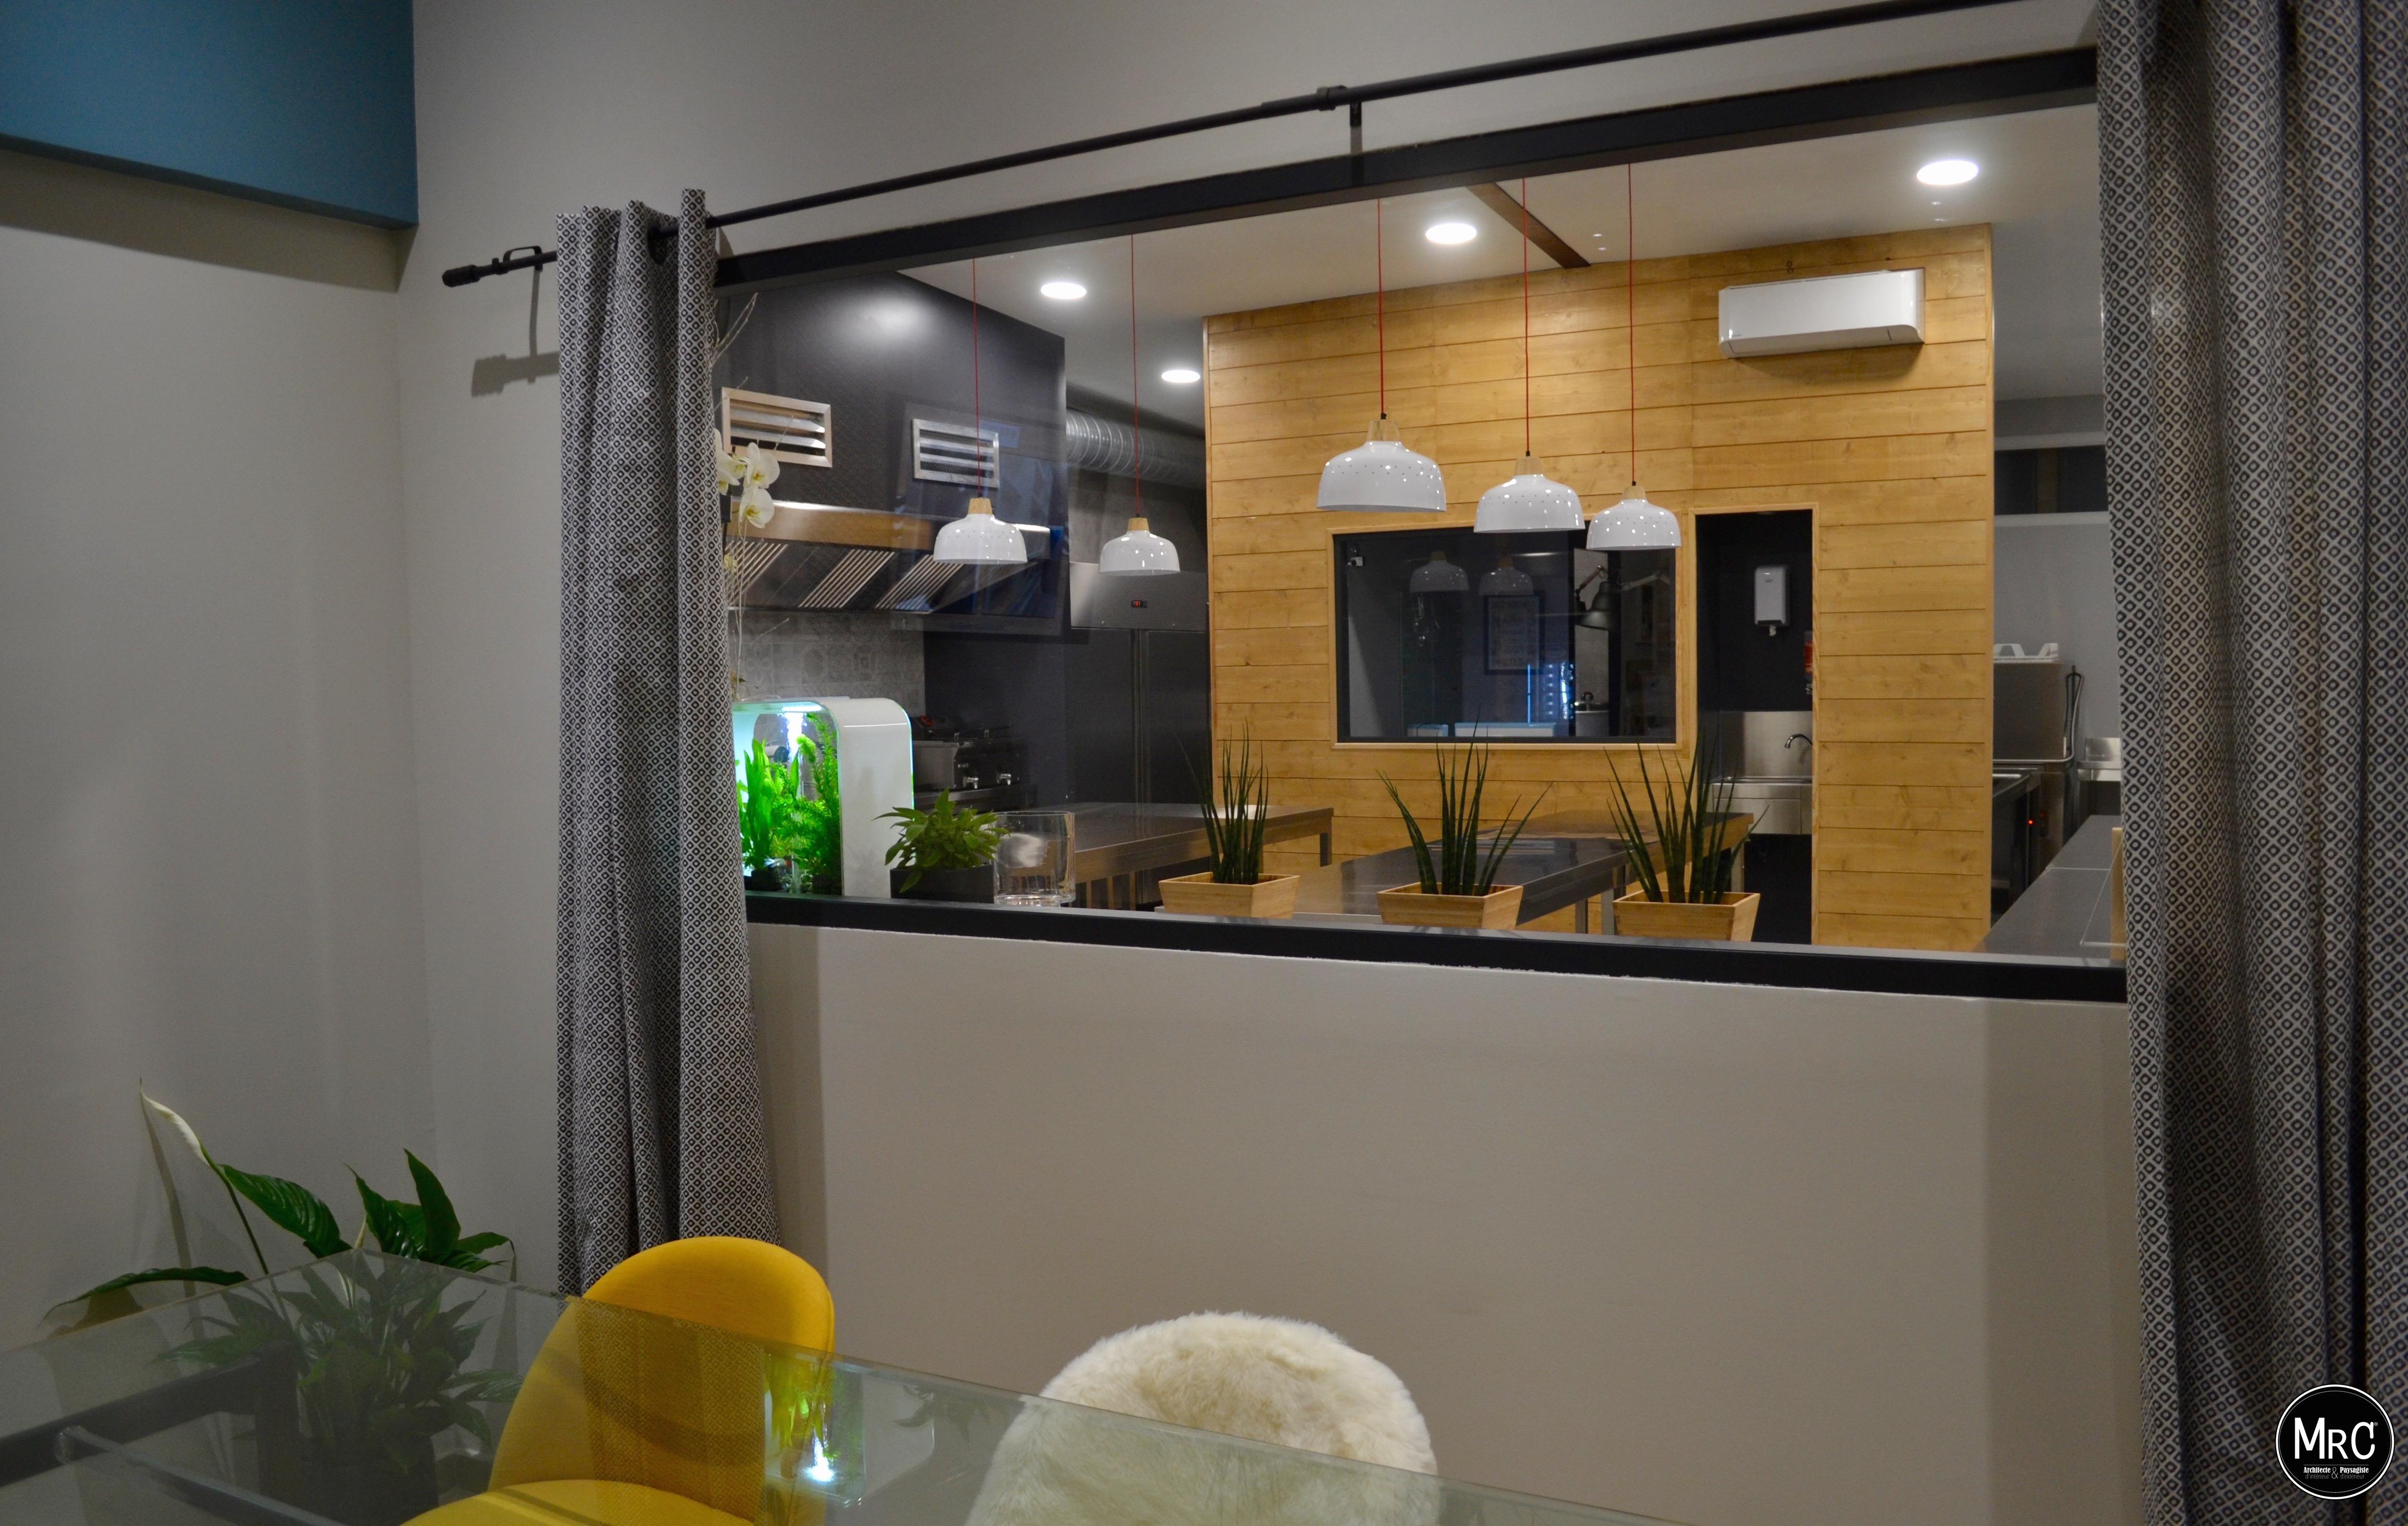 Nos r alisations mrc architecte d 39 int rieur et paysagiste marseille - Architecte d interieur marseille ...